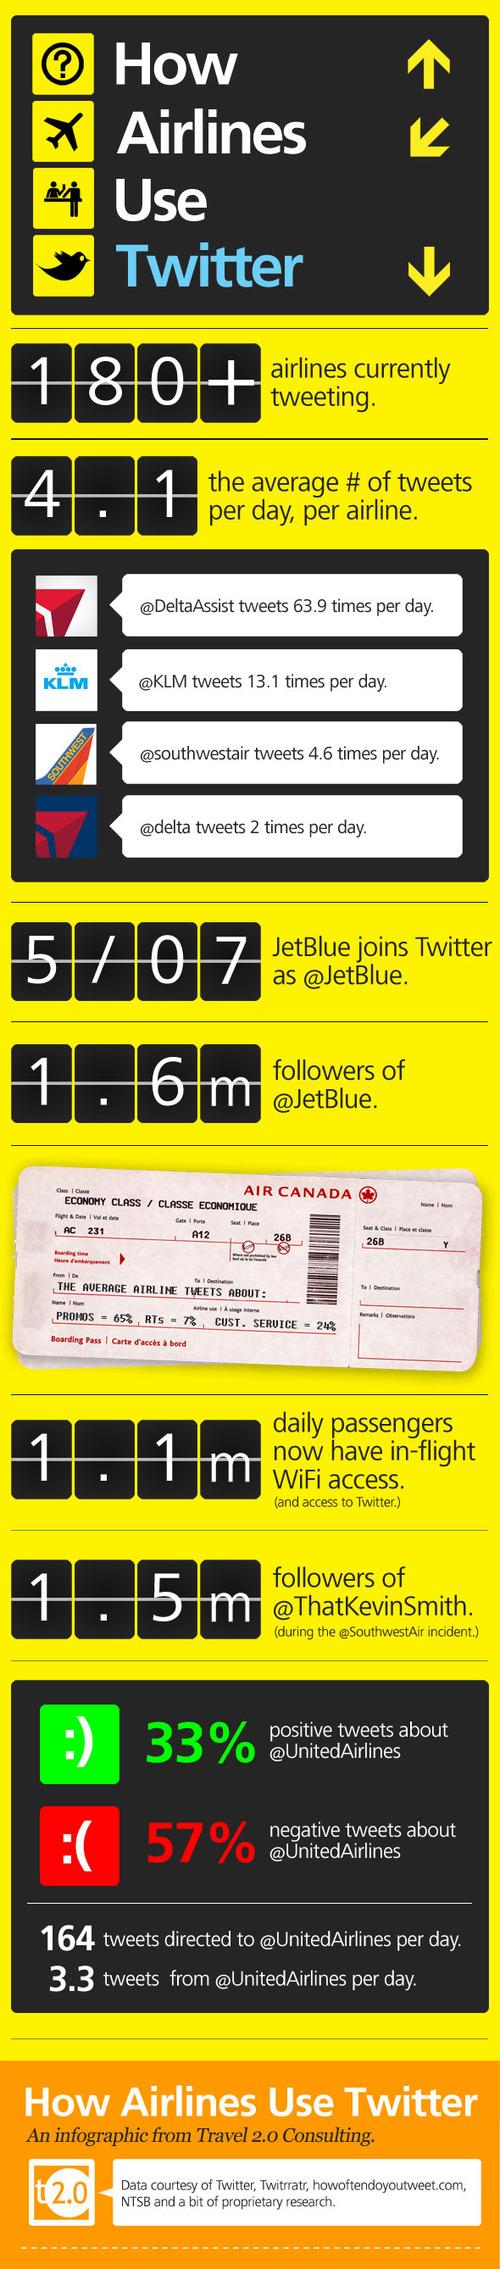 Como están utilizando twitter las aerolíneas